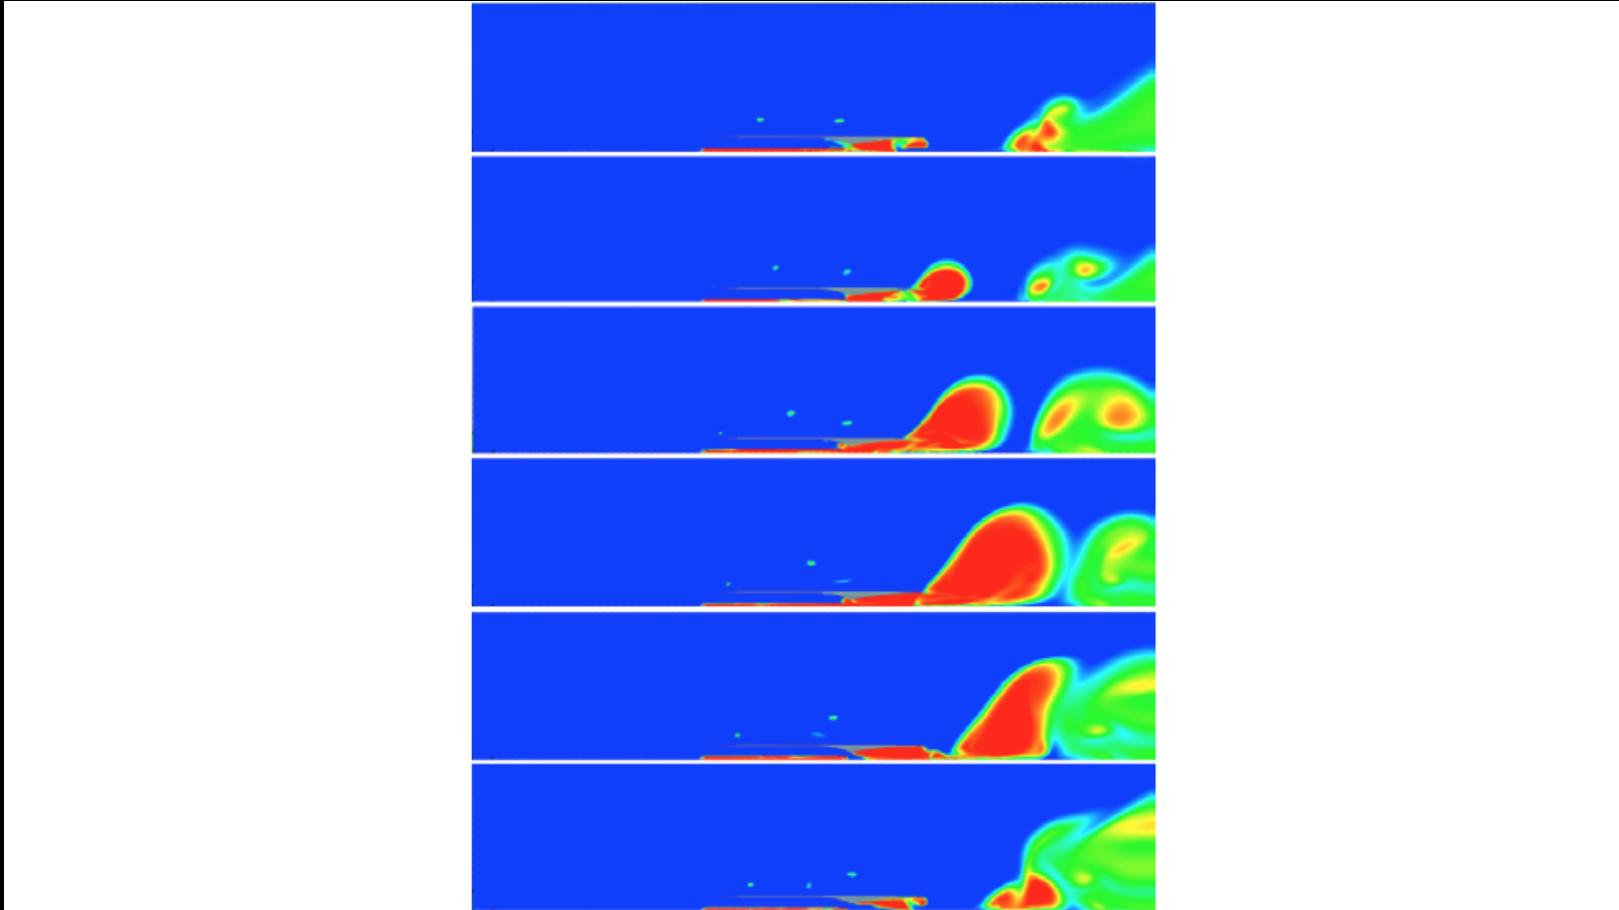 Рис. 2. Рабочий цикл прямоточного импульсно-детонационного гидрореактивного движителя при частоте 10Гц. Красный цвет соответствует газу, синий — воде, а промежуточные цвета — воде с разным объемным газосодержанием. Расчет проведен для половины движителя